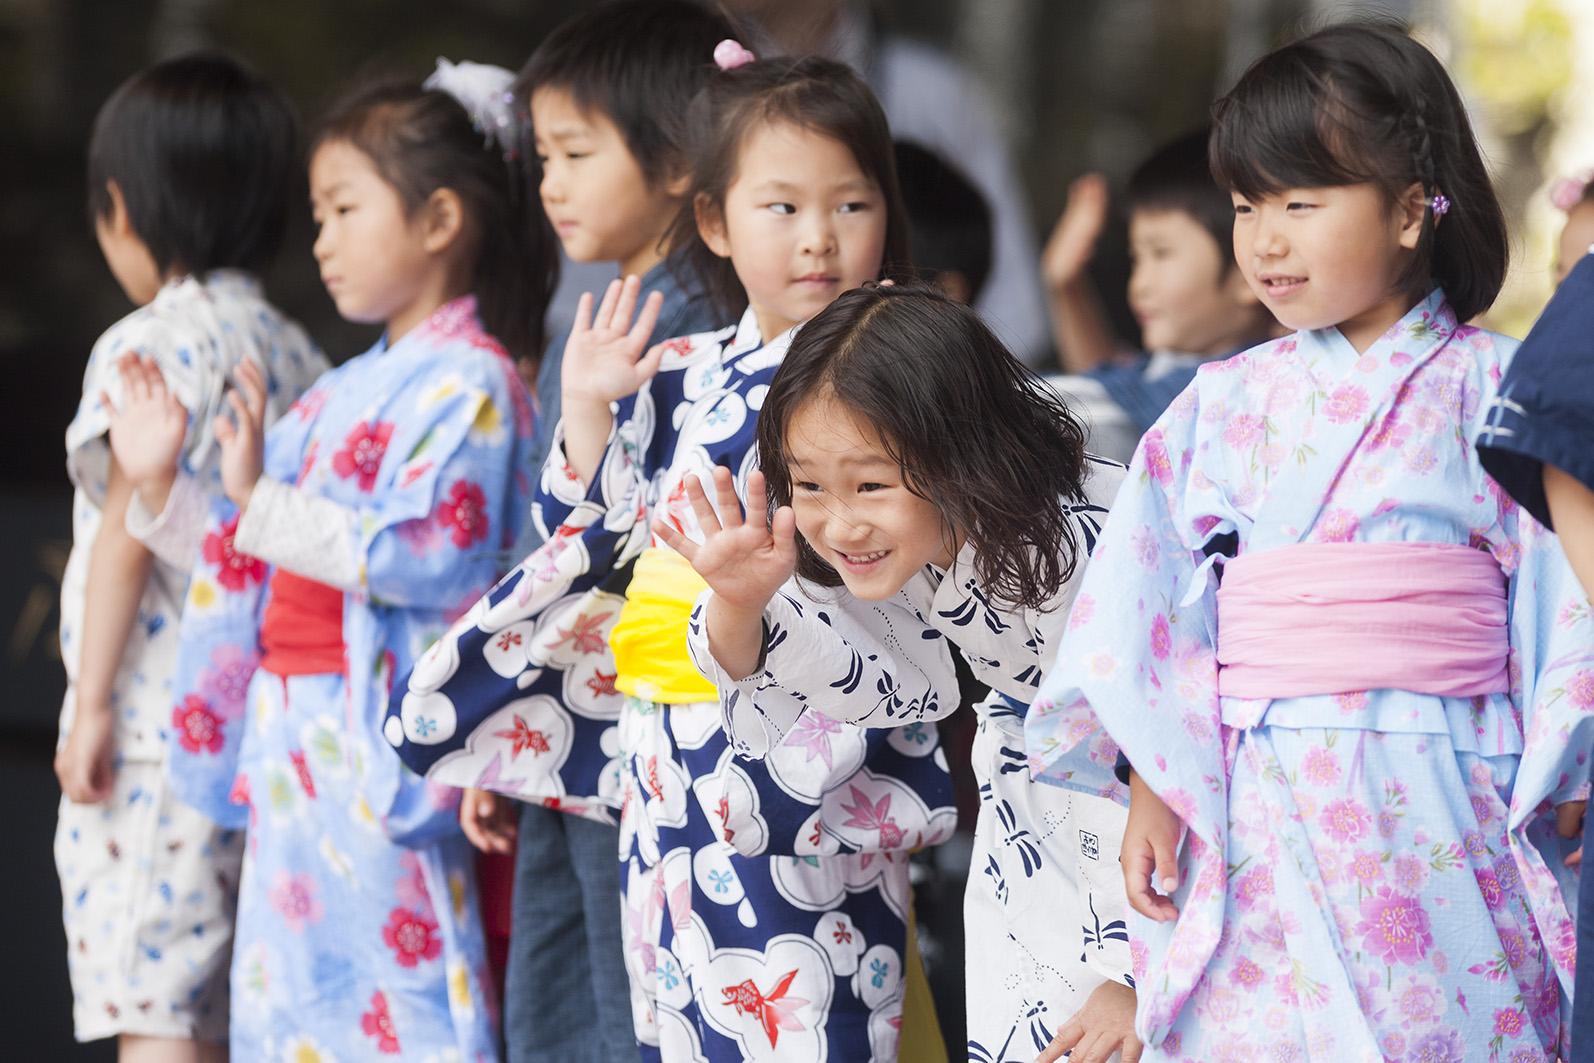 Japanische Kinder auf der Bühne © Düsseldorf Tourismus GmbH